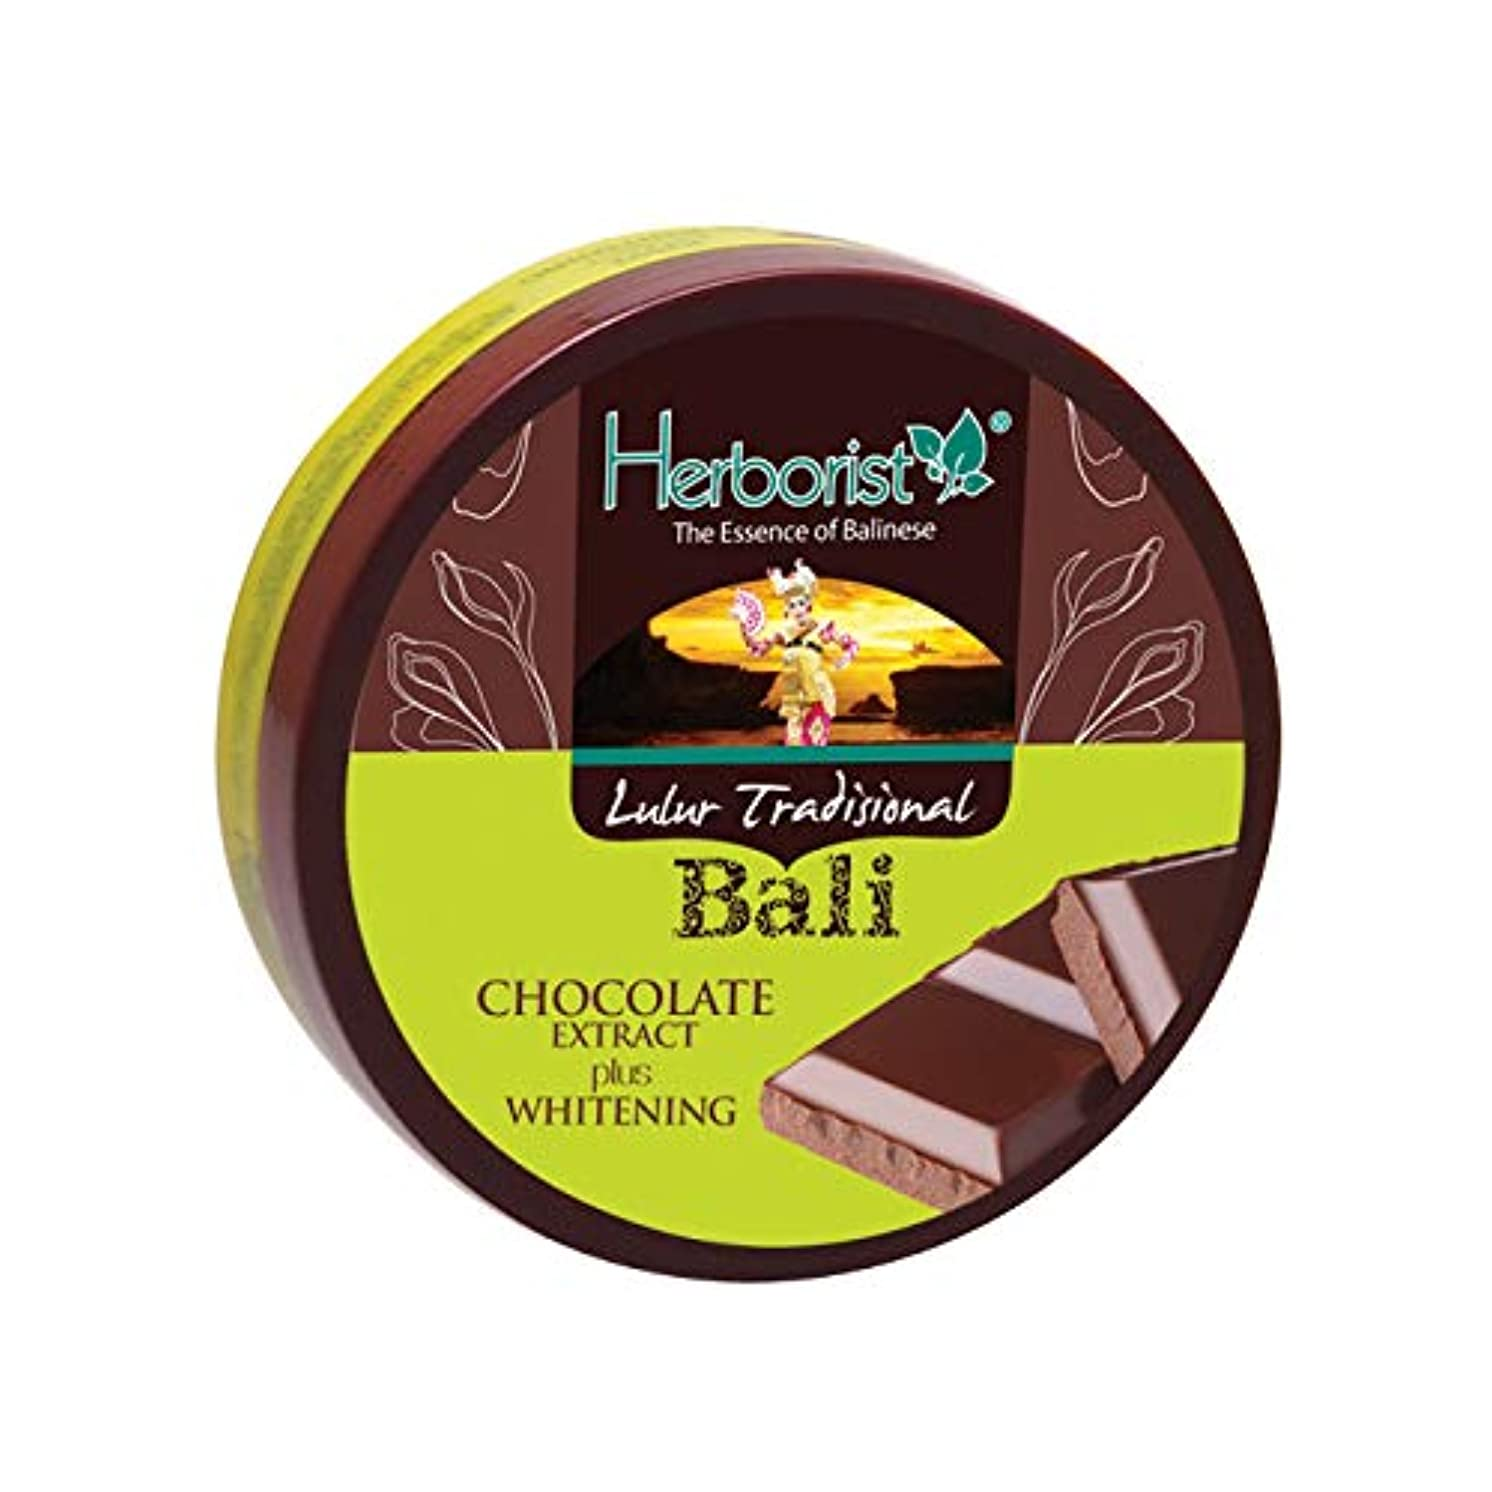 ボタン密度変形Herborist ハーボリスト インドネシアバリ島の伝統的なボディスクラブ Lulur Tradisional Bali ルルールトラディショナルバリ 100g Chocolate チョコレート [海外直送品]